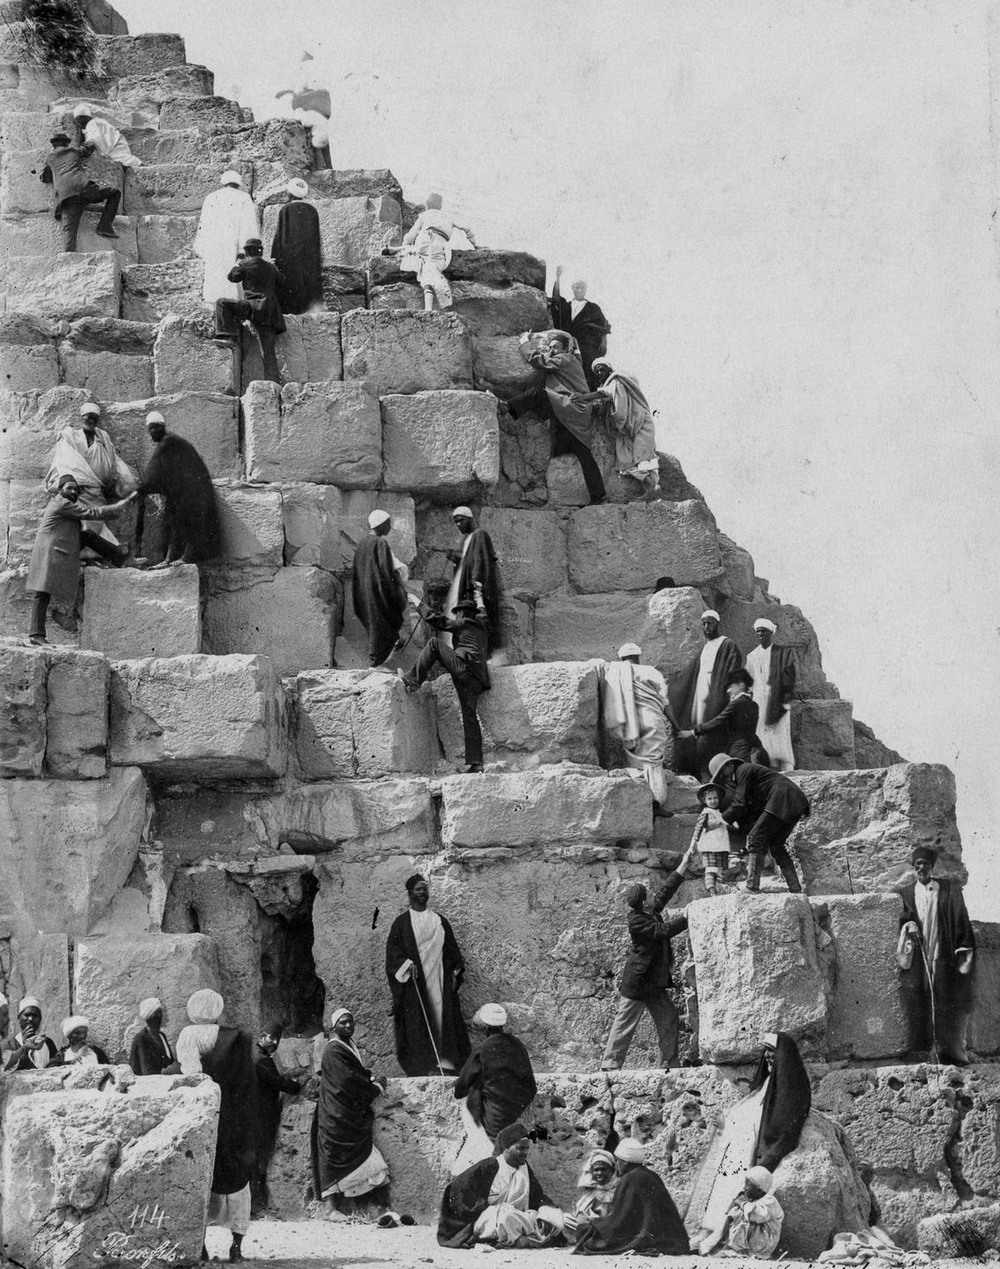 На вершине чуда света: ретро фотографии туристов на пирамидах Гизы